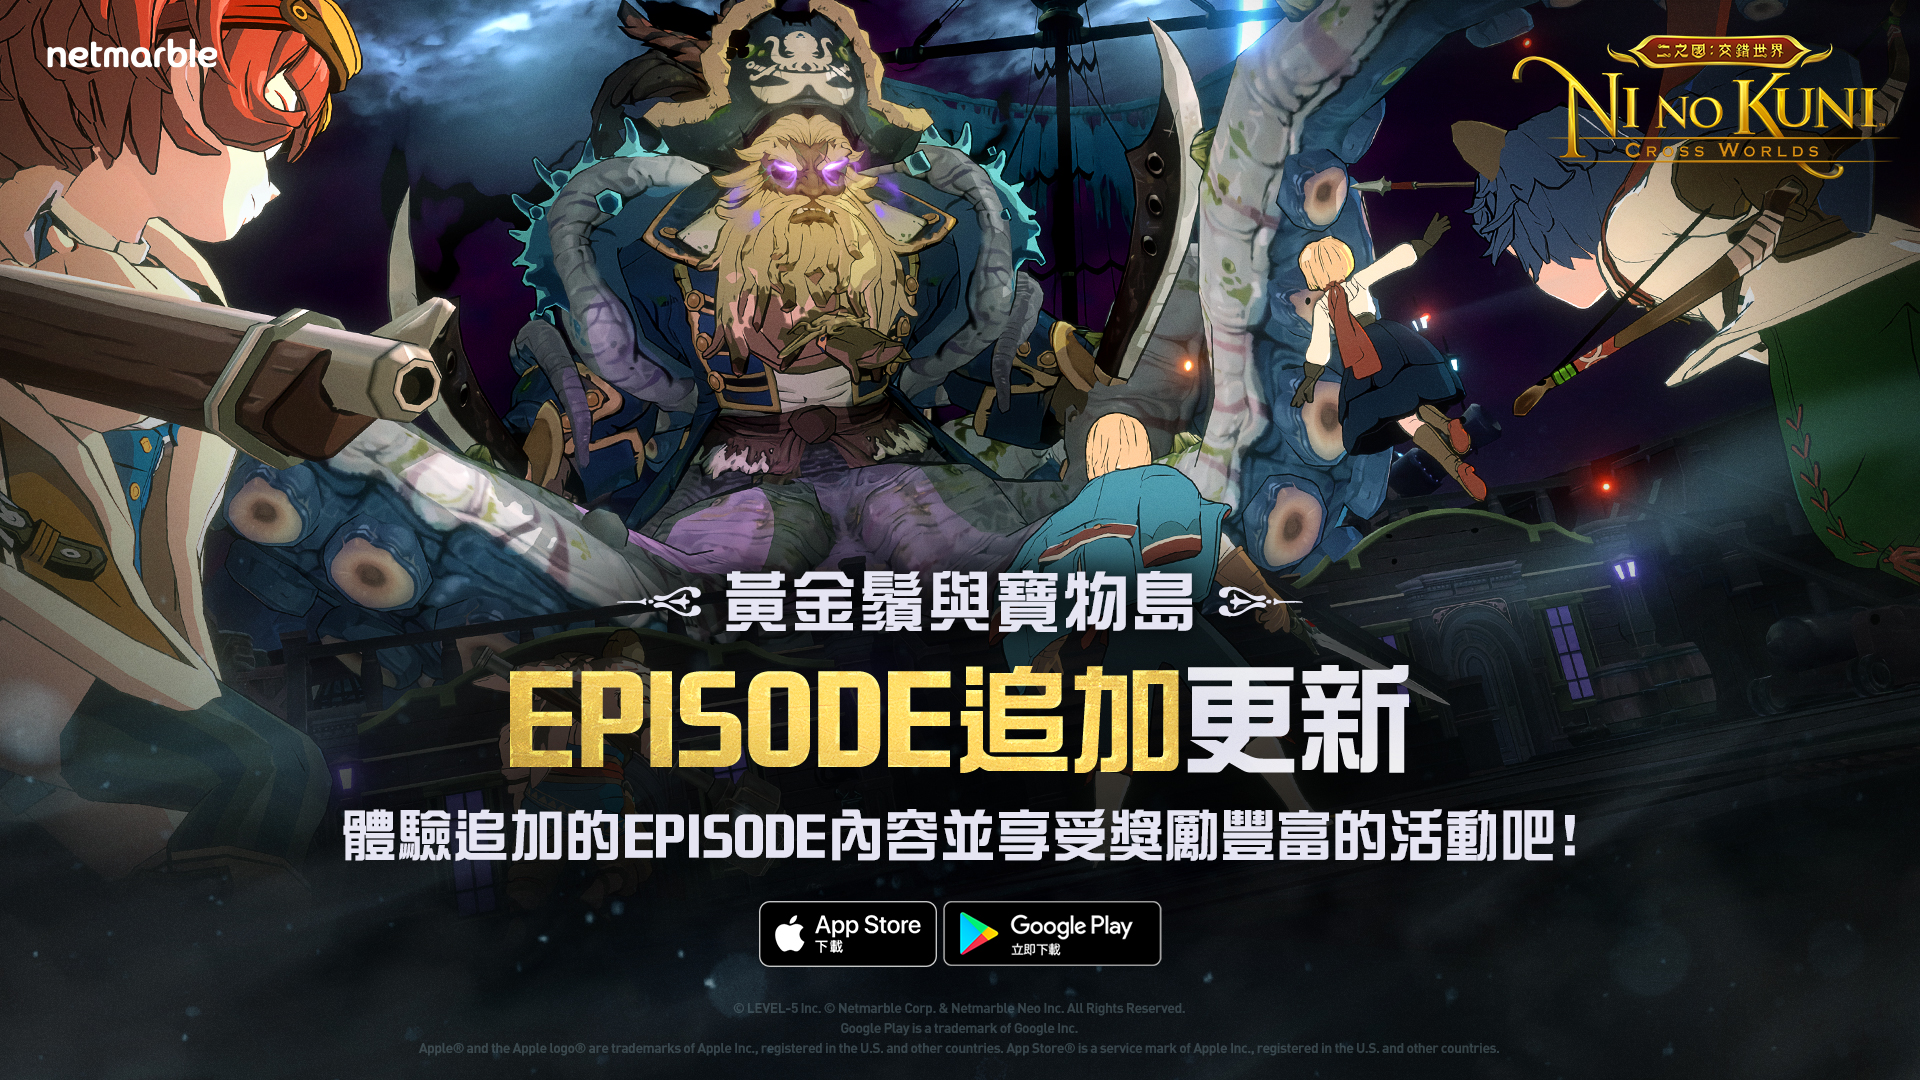 《二之國:交錯世界》Episode「黃金鬚與寶物島」 迎來眾多更新